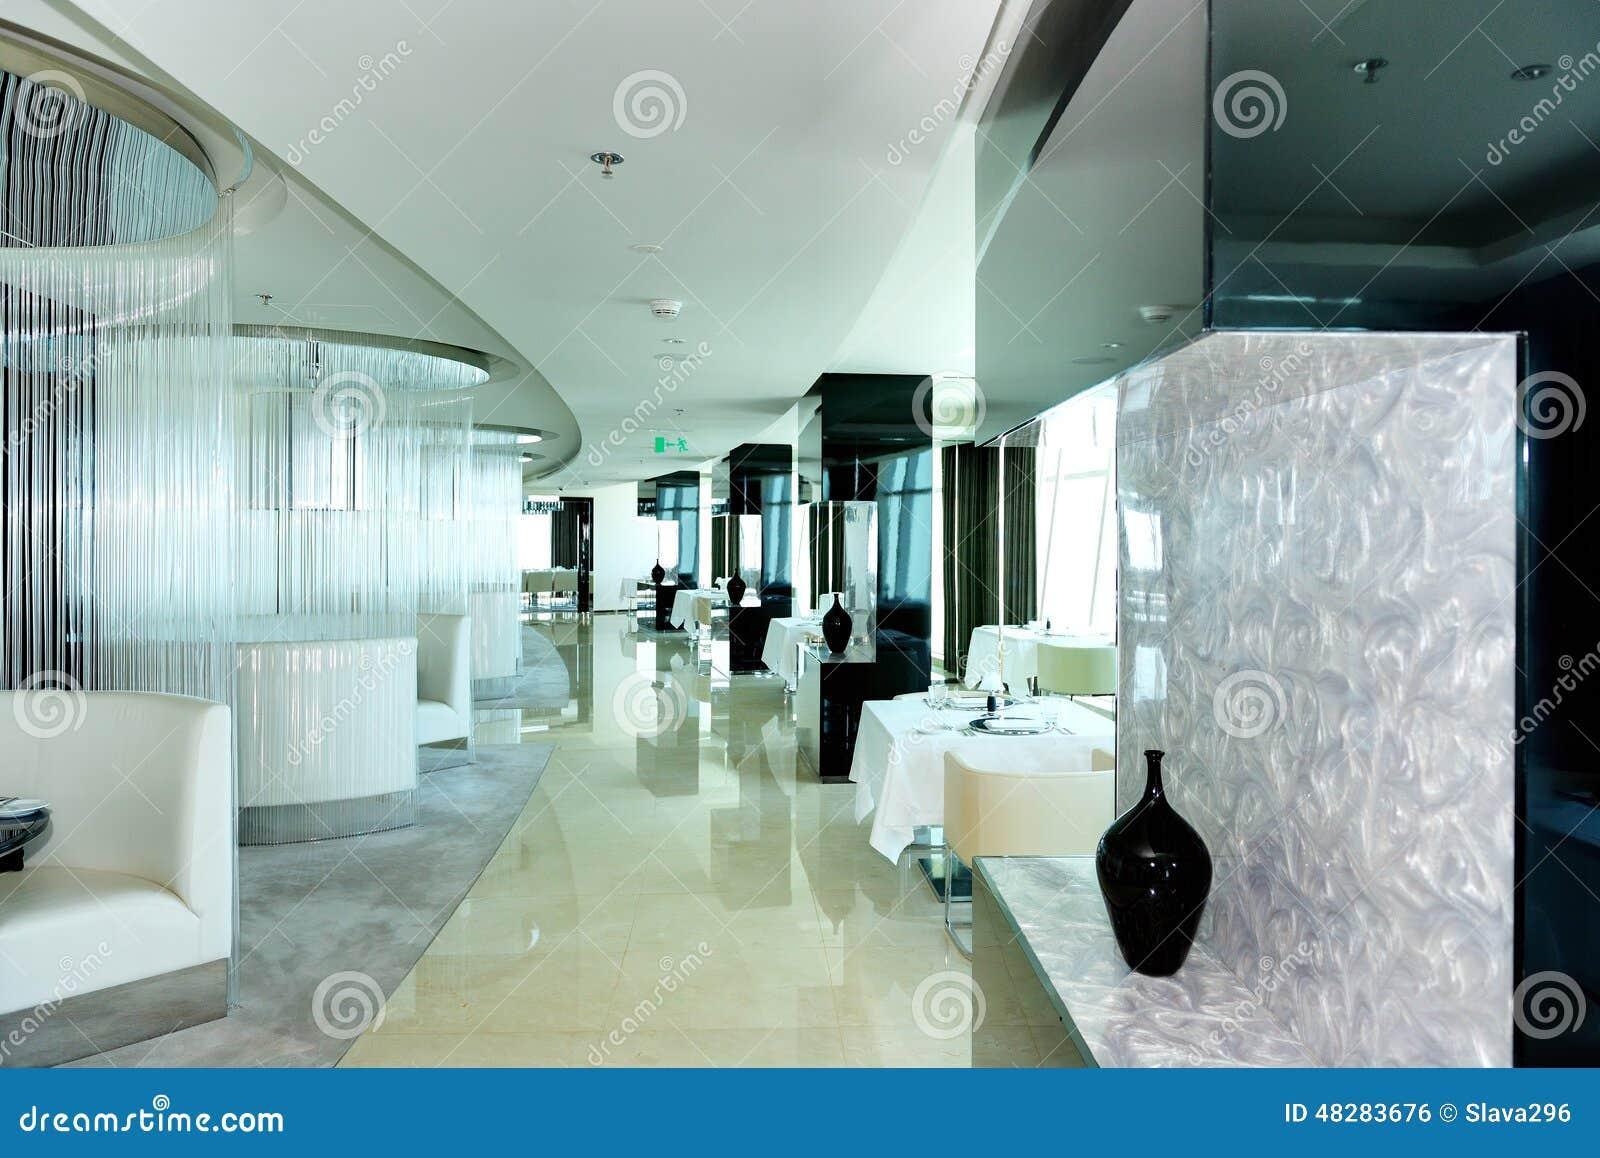 L 39 int rieur du restaurant de l 39 h tel de luxe moderne photo for Hotel design luxe france